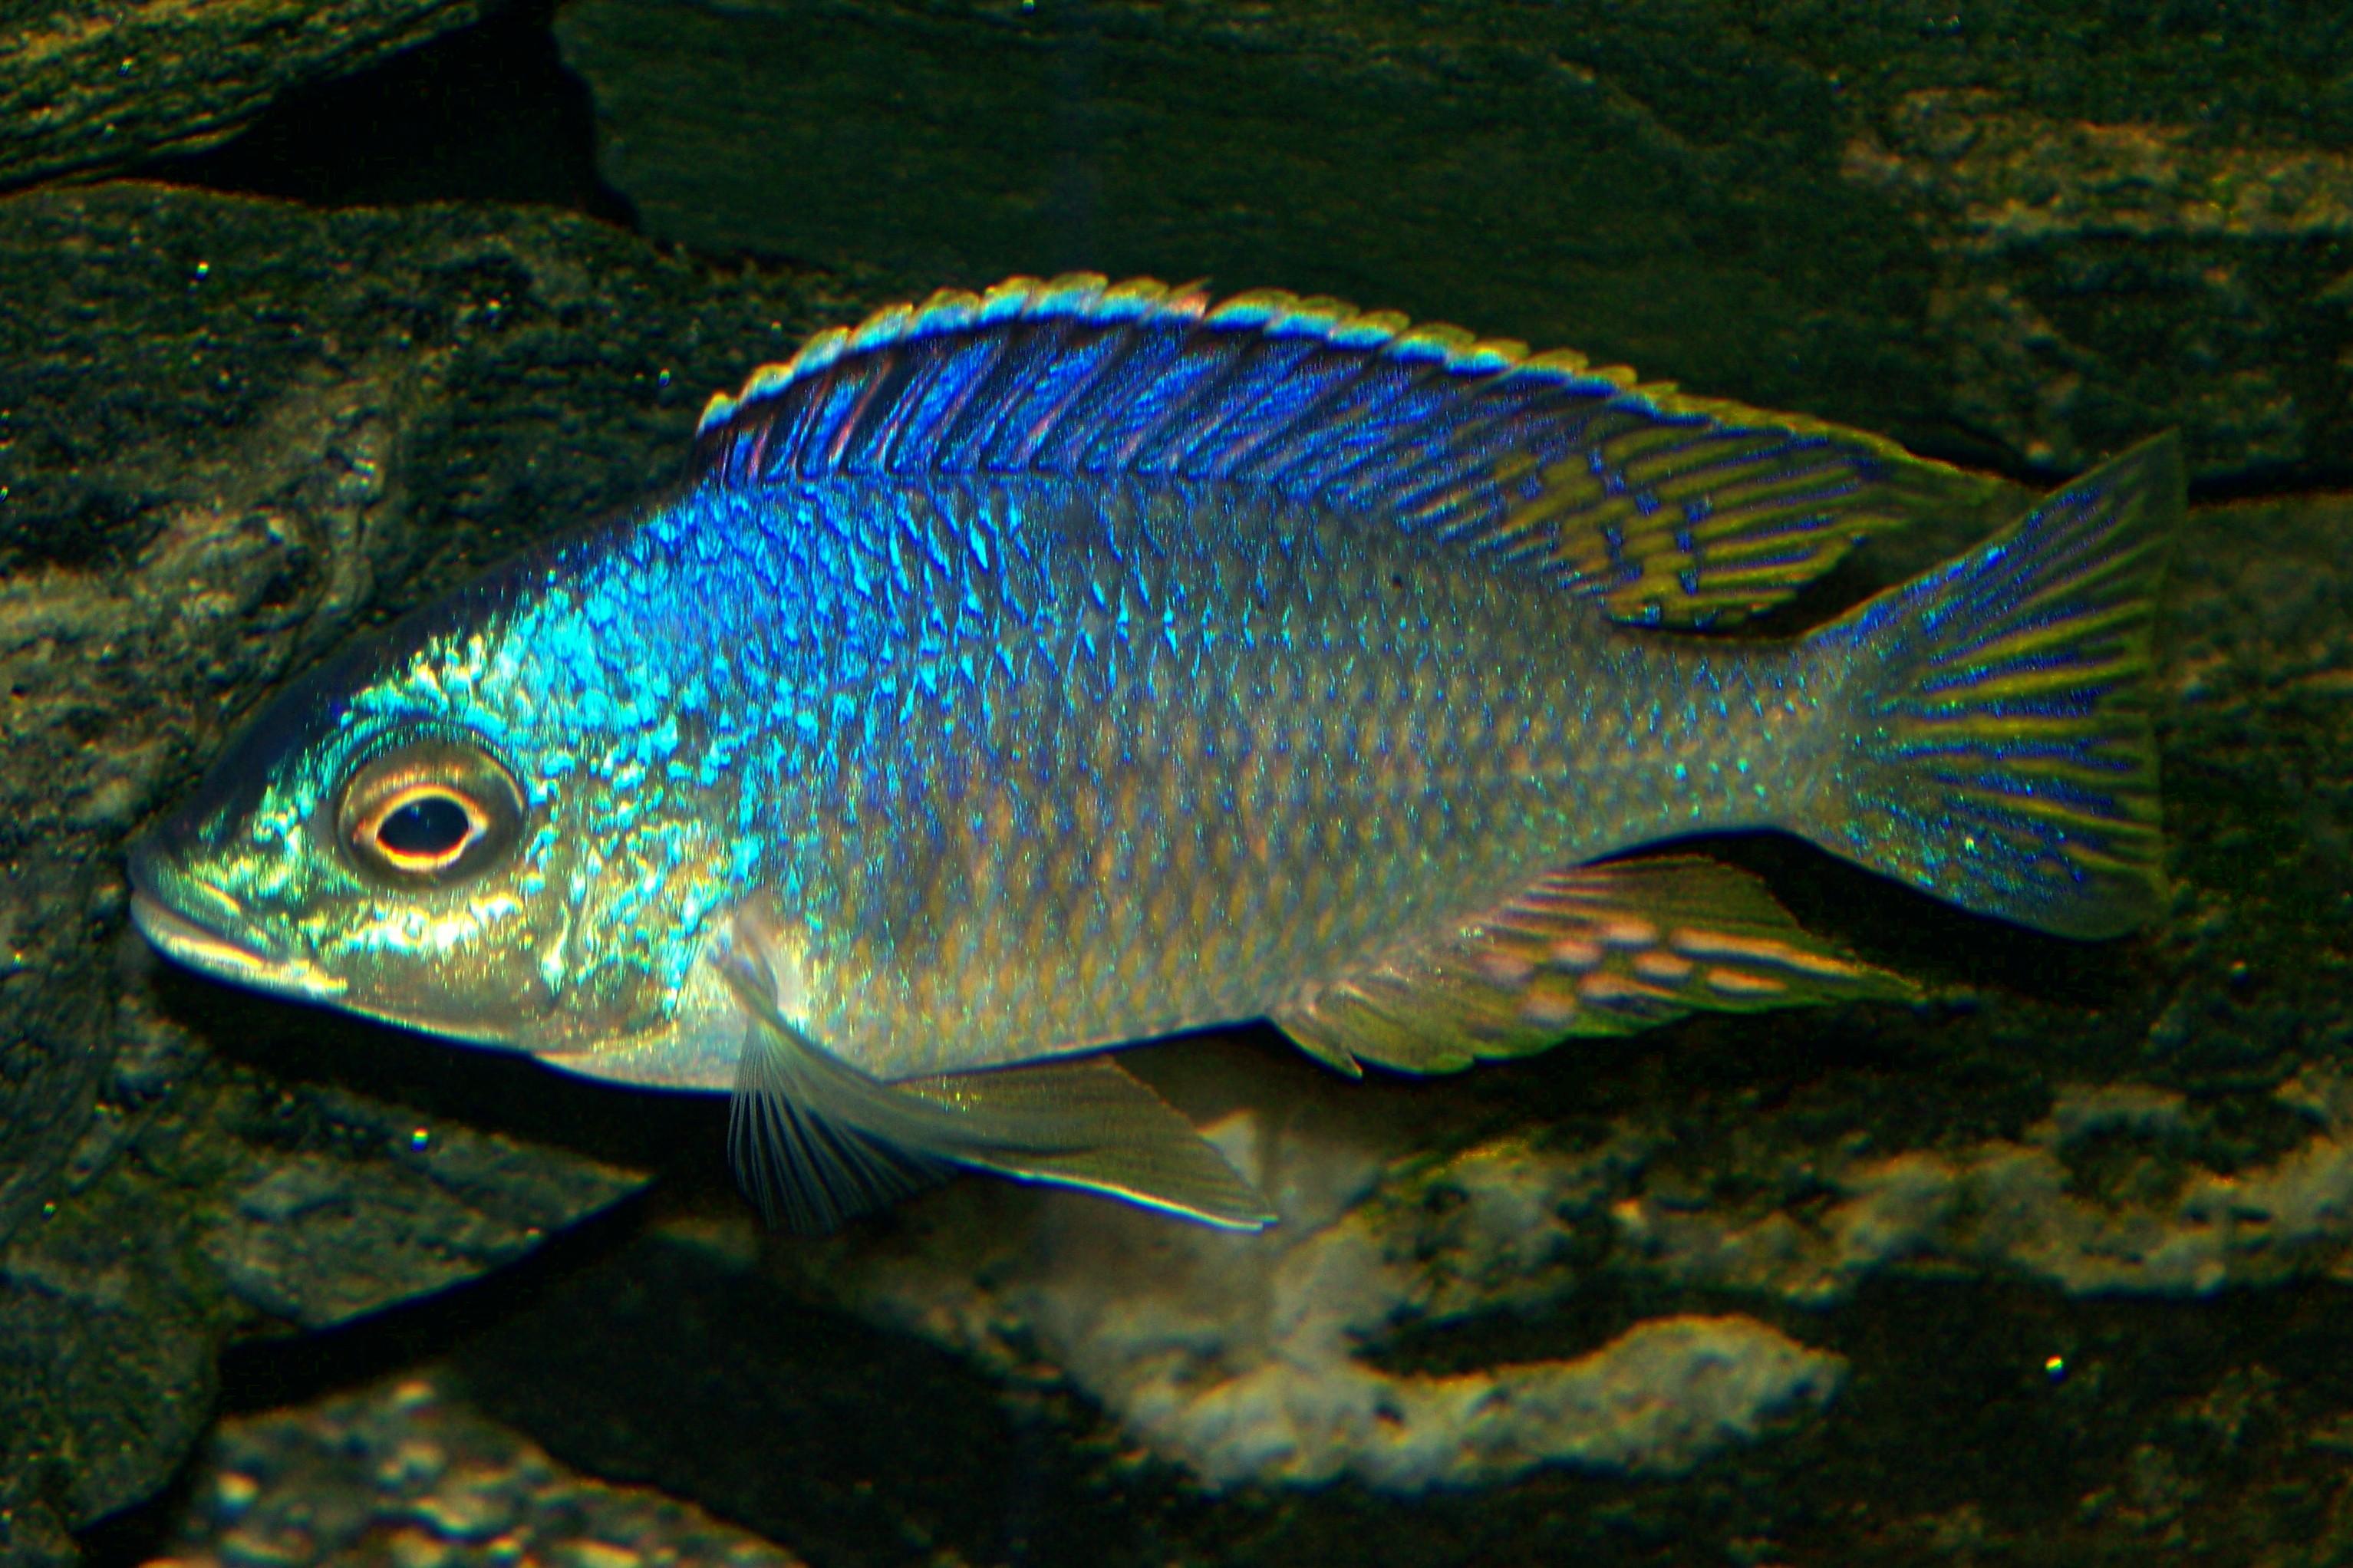 Картинки по запросу placidochromis sp. jalo reef